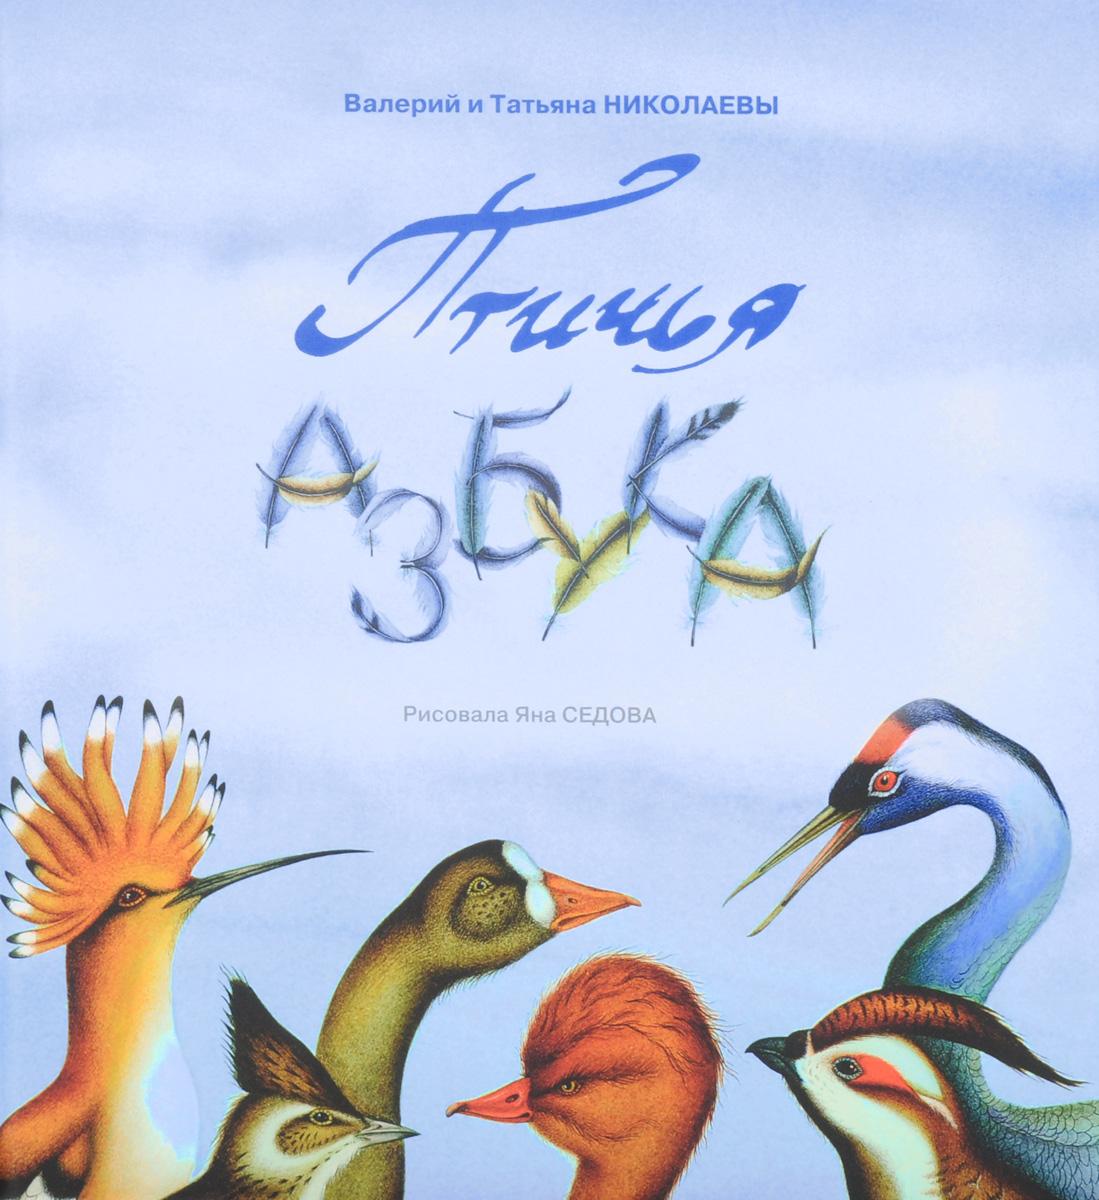 Птичья азбука, Татьяна Николаева, Валерий Николаев